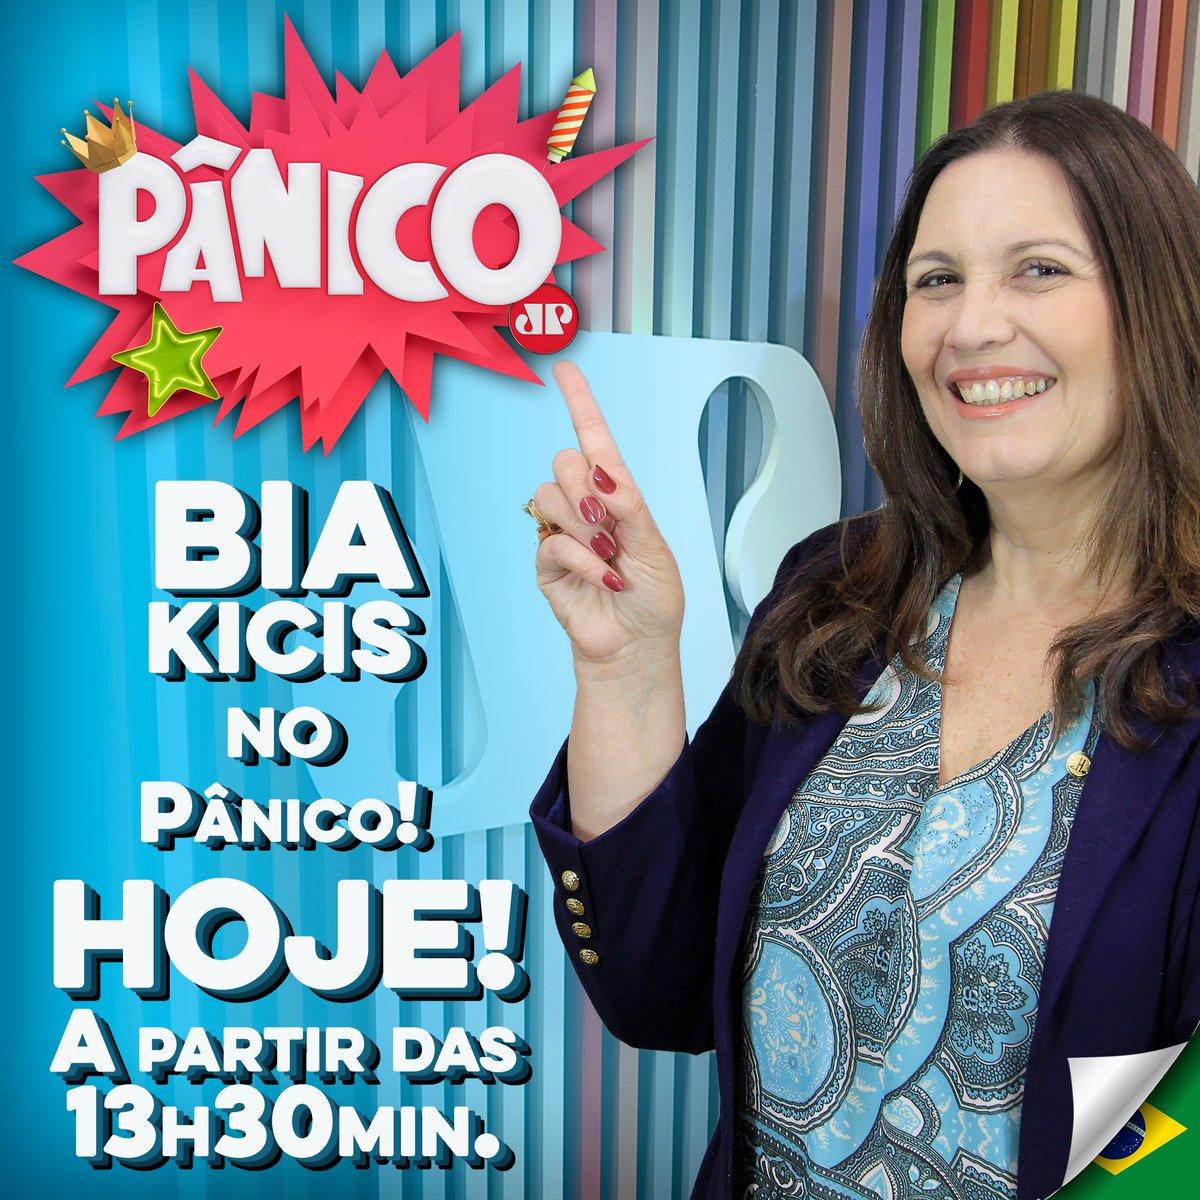 Resultado de imagem para Pânico -  - Bia Kicis (Deputada